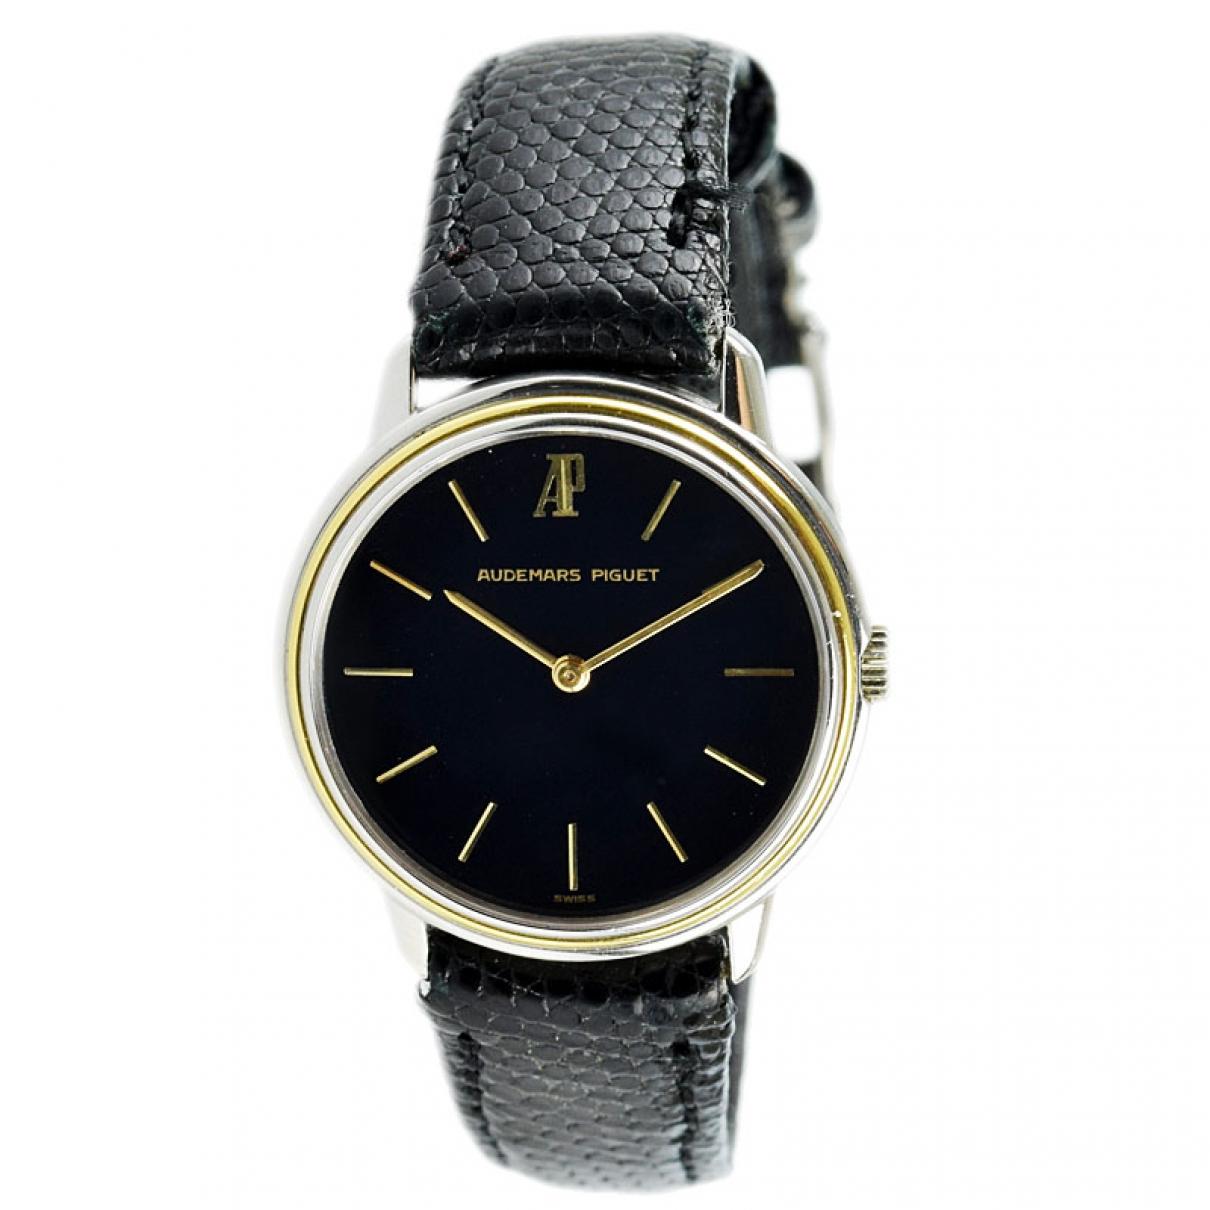 Audemars Piguet Vintage Uhr in  Schwarz Stahl